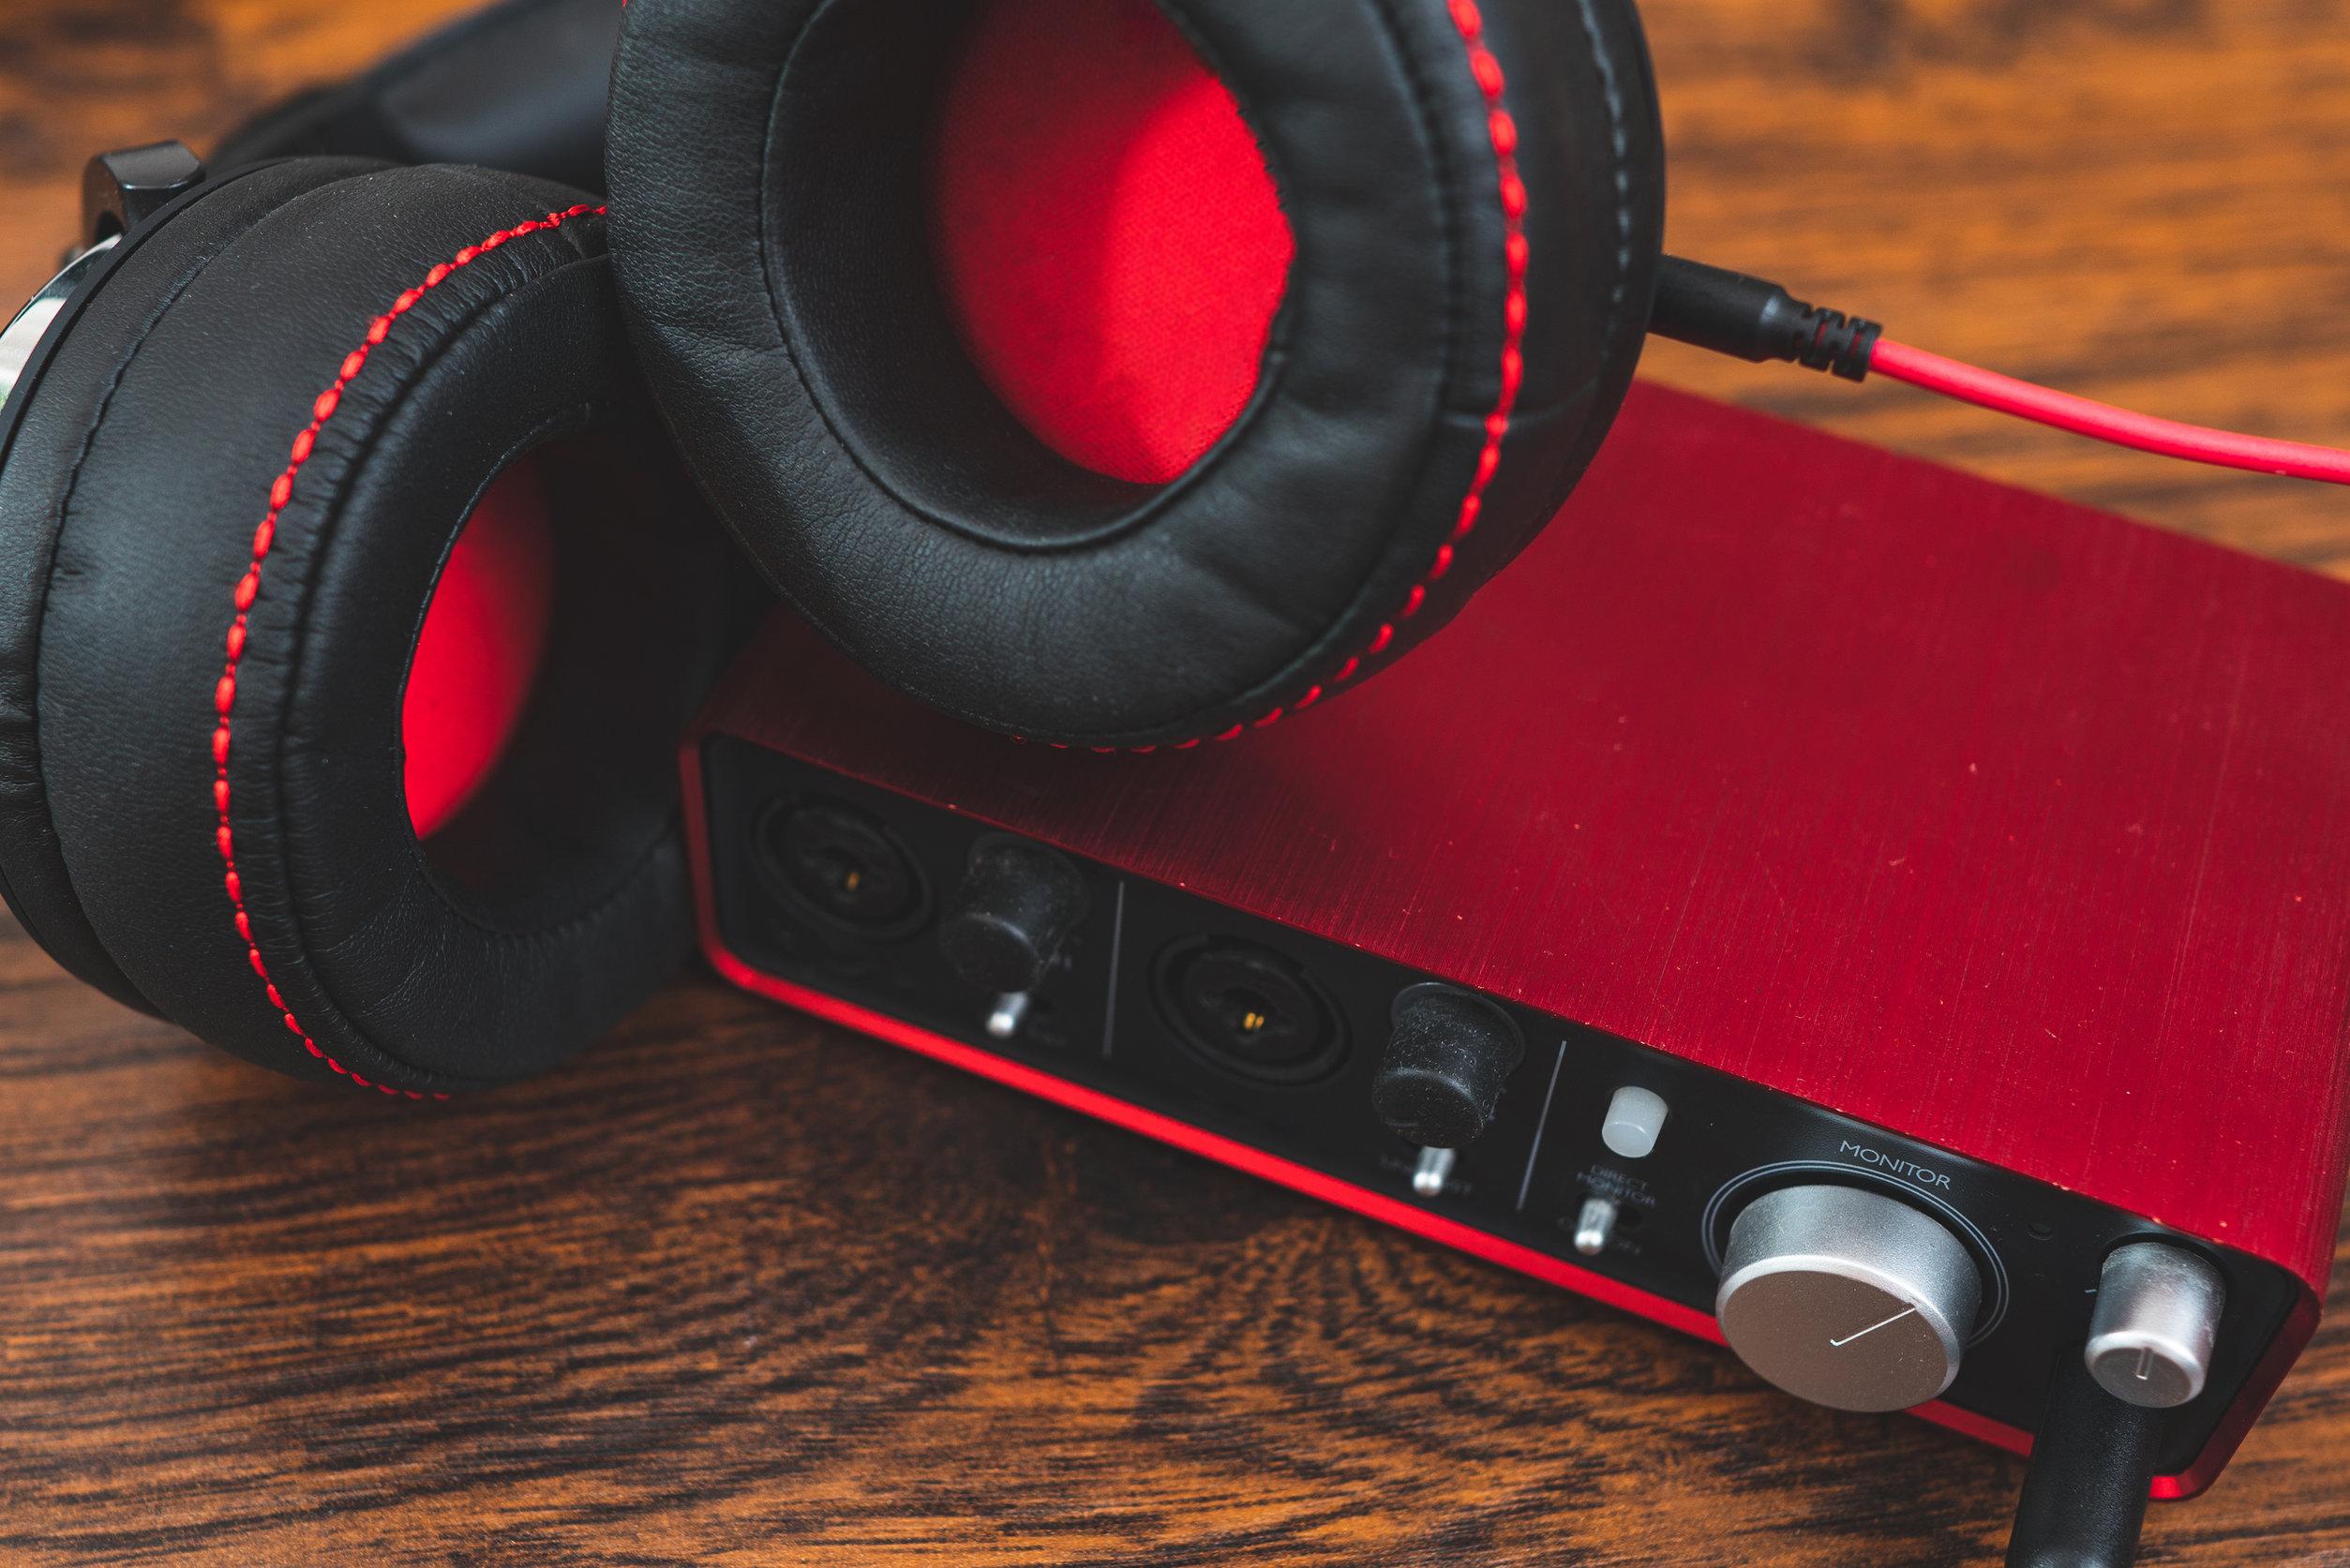 Trjeta de sonido roja con headset